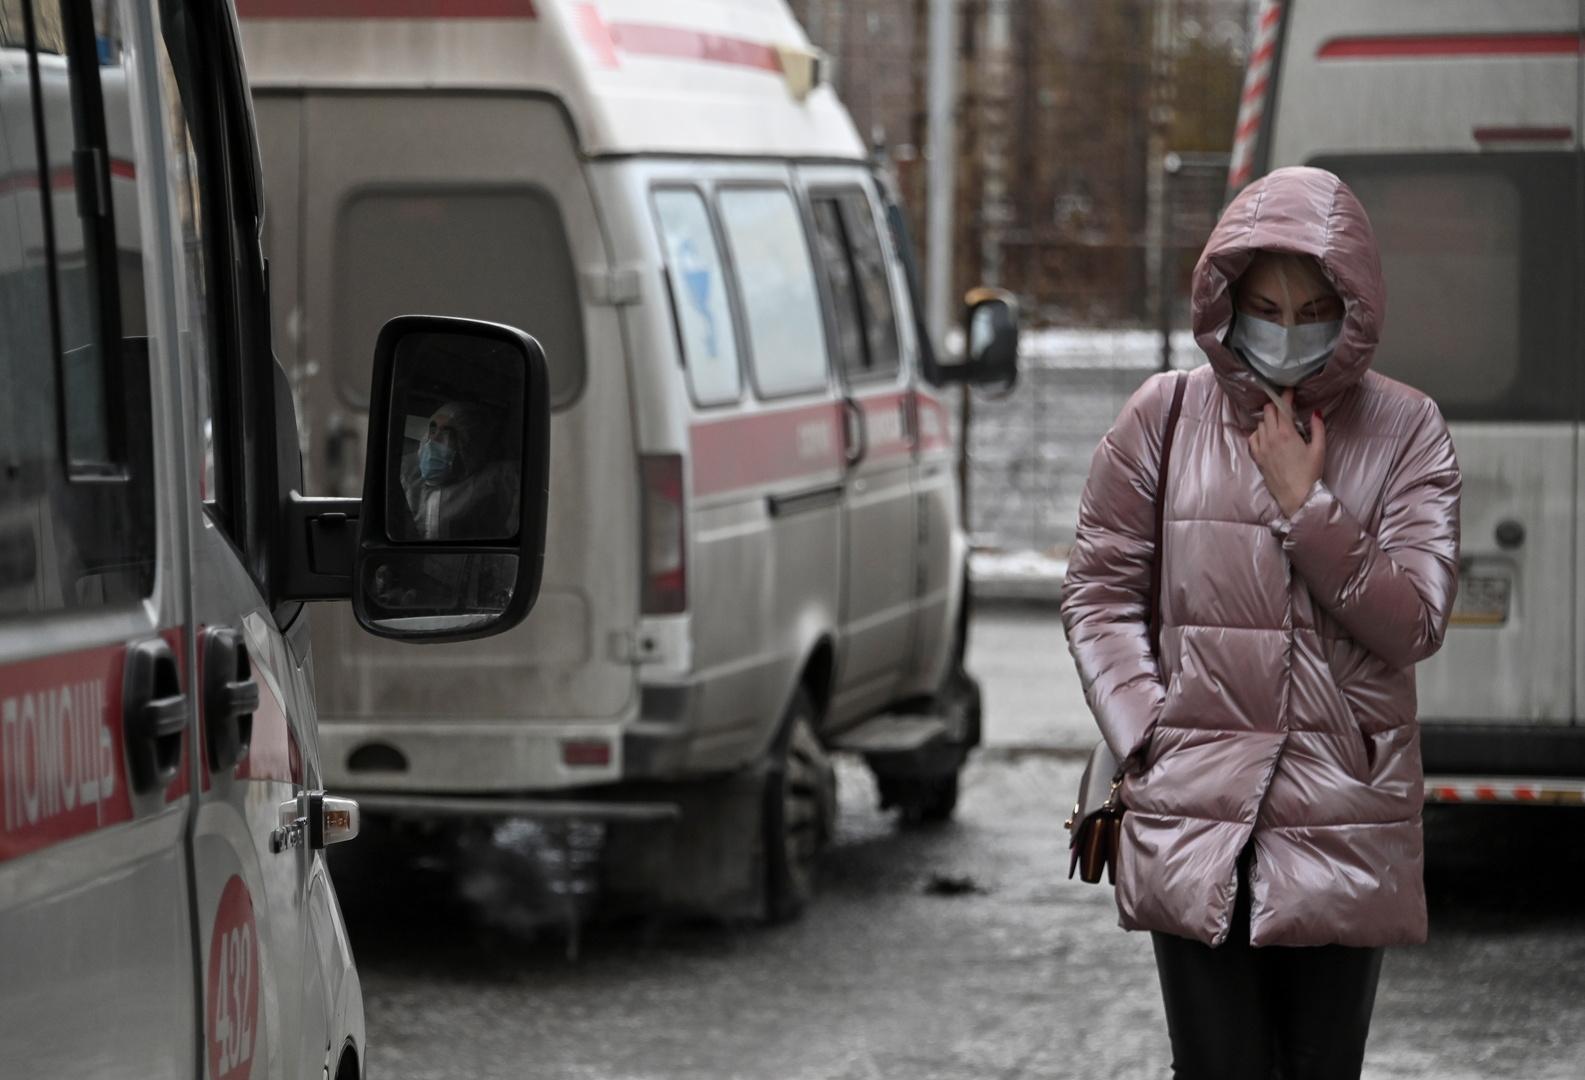 روسيا.. حصيلة الإصابات الشهرية بكورونا تتراجع بـ40%